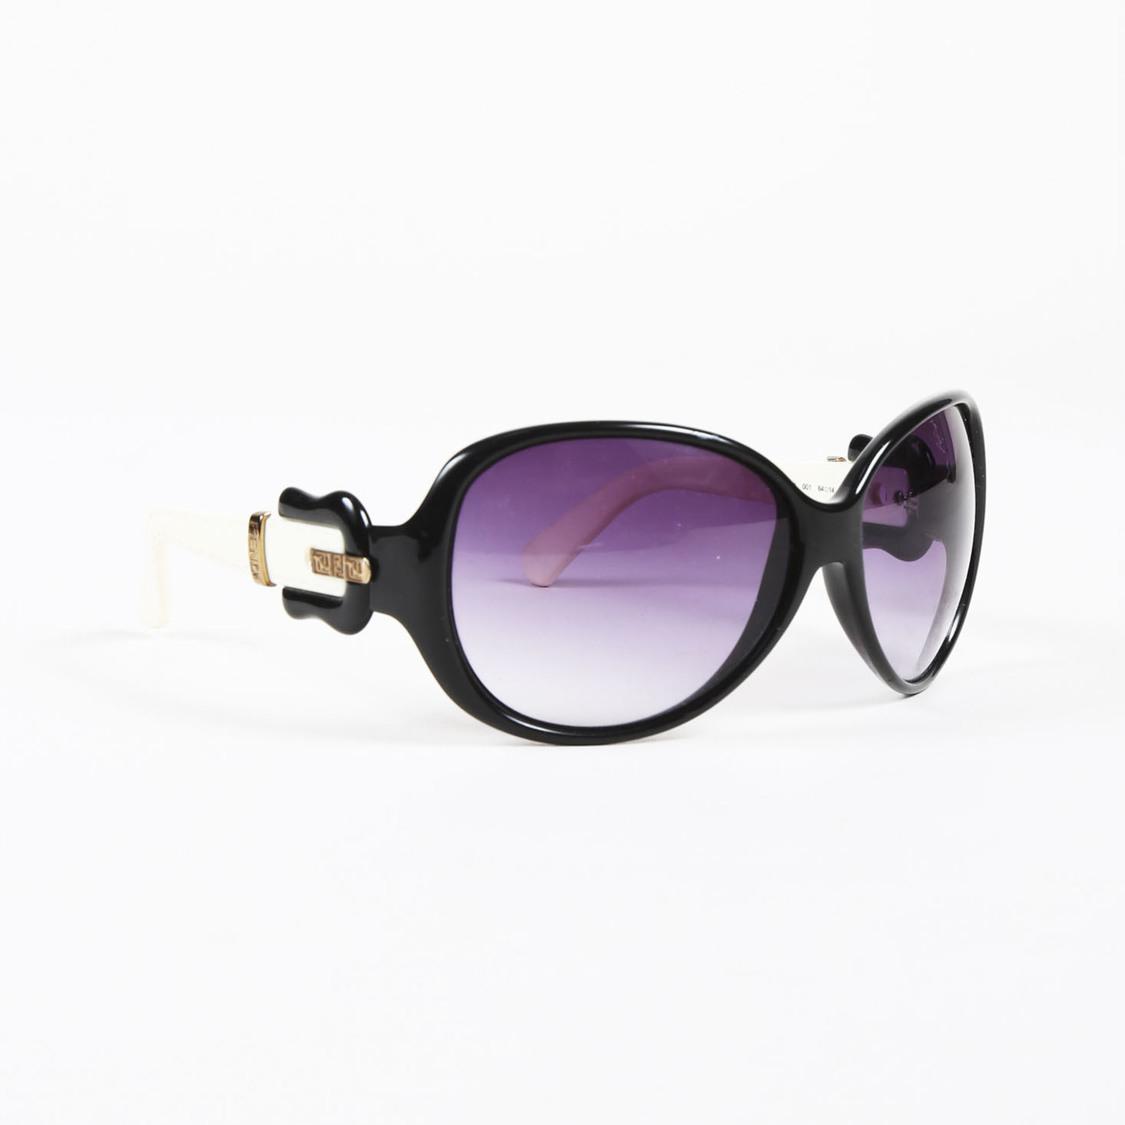 e2b46e574f28 Lyst - Fendi Black Cream & Purple